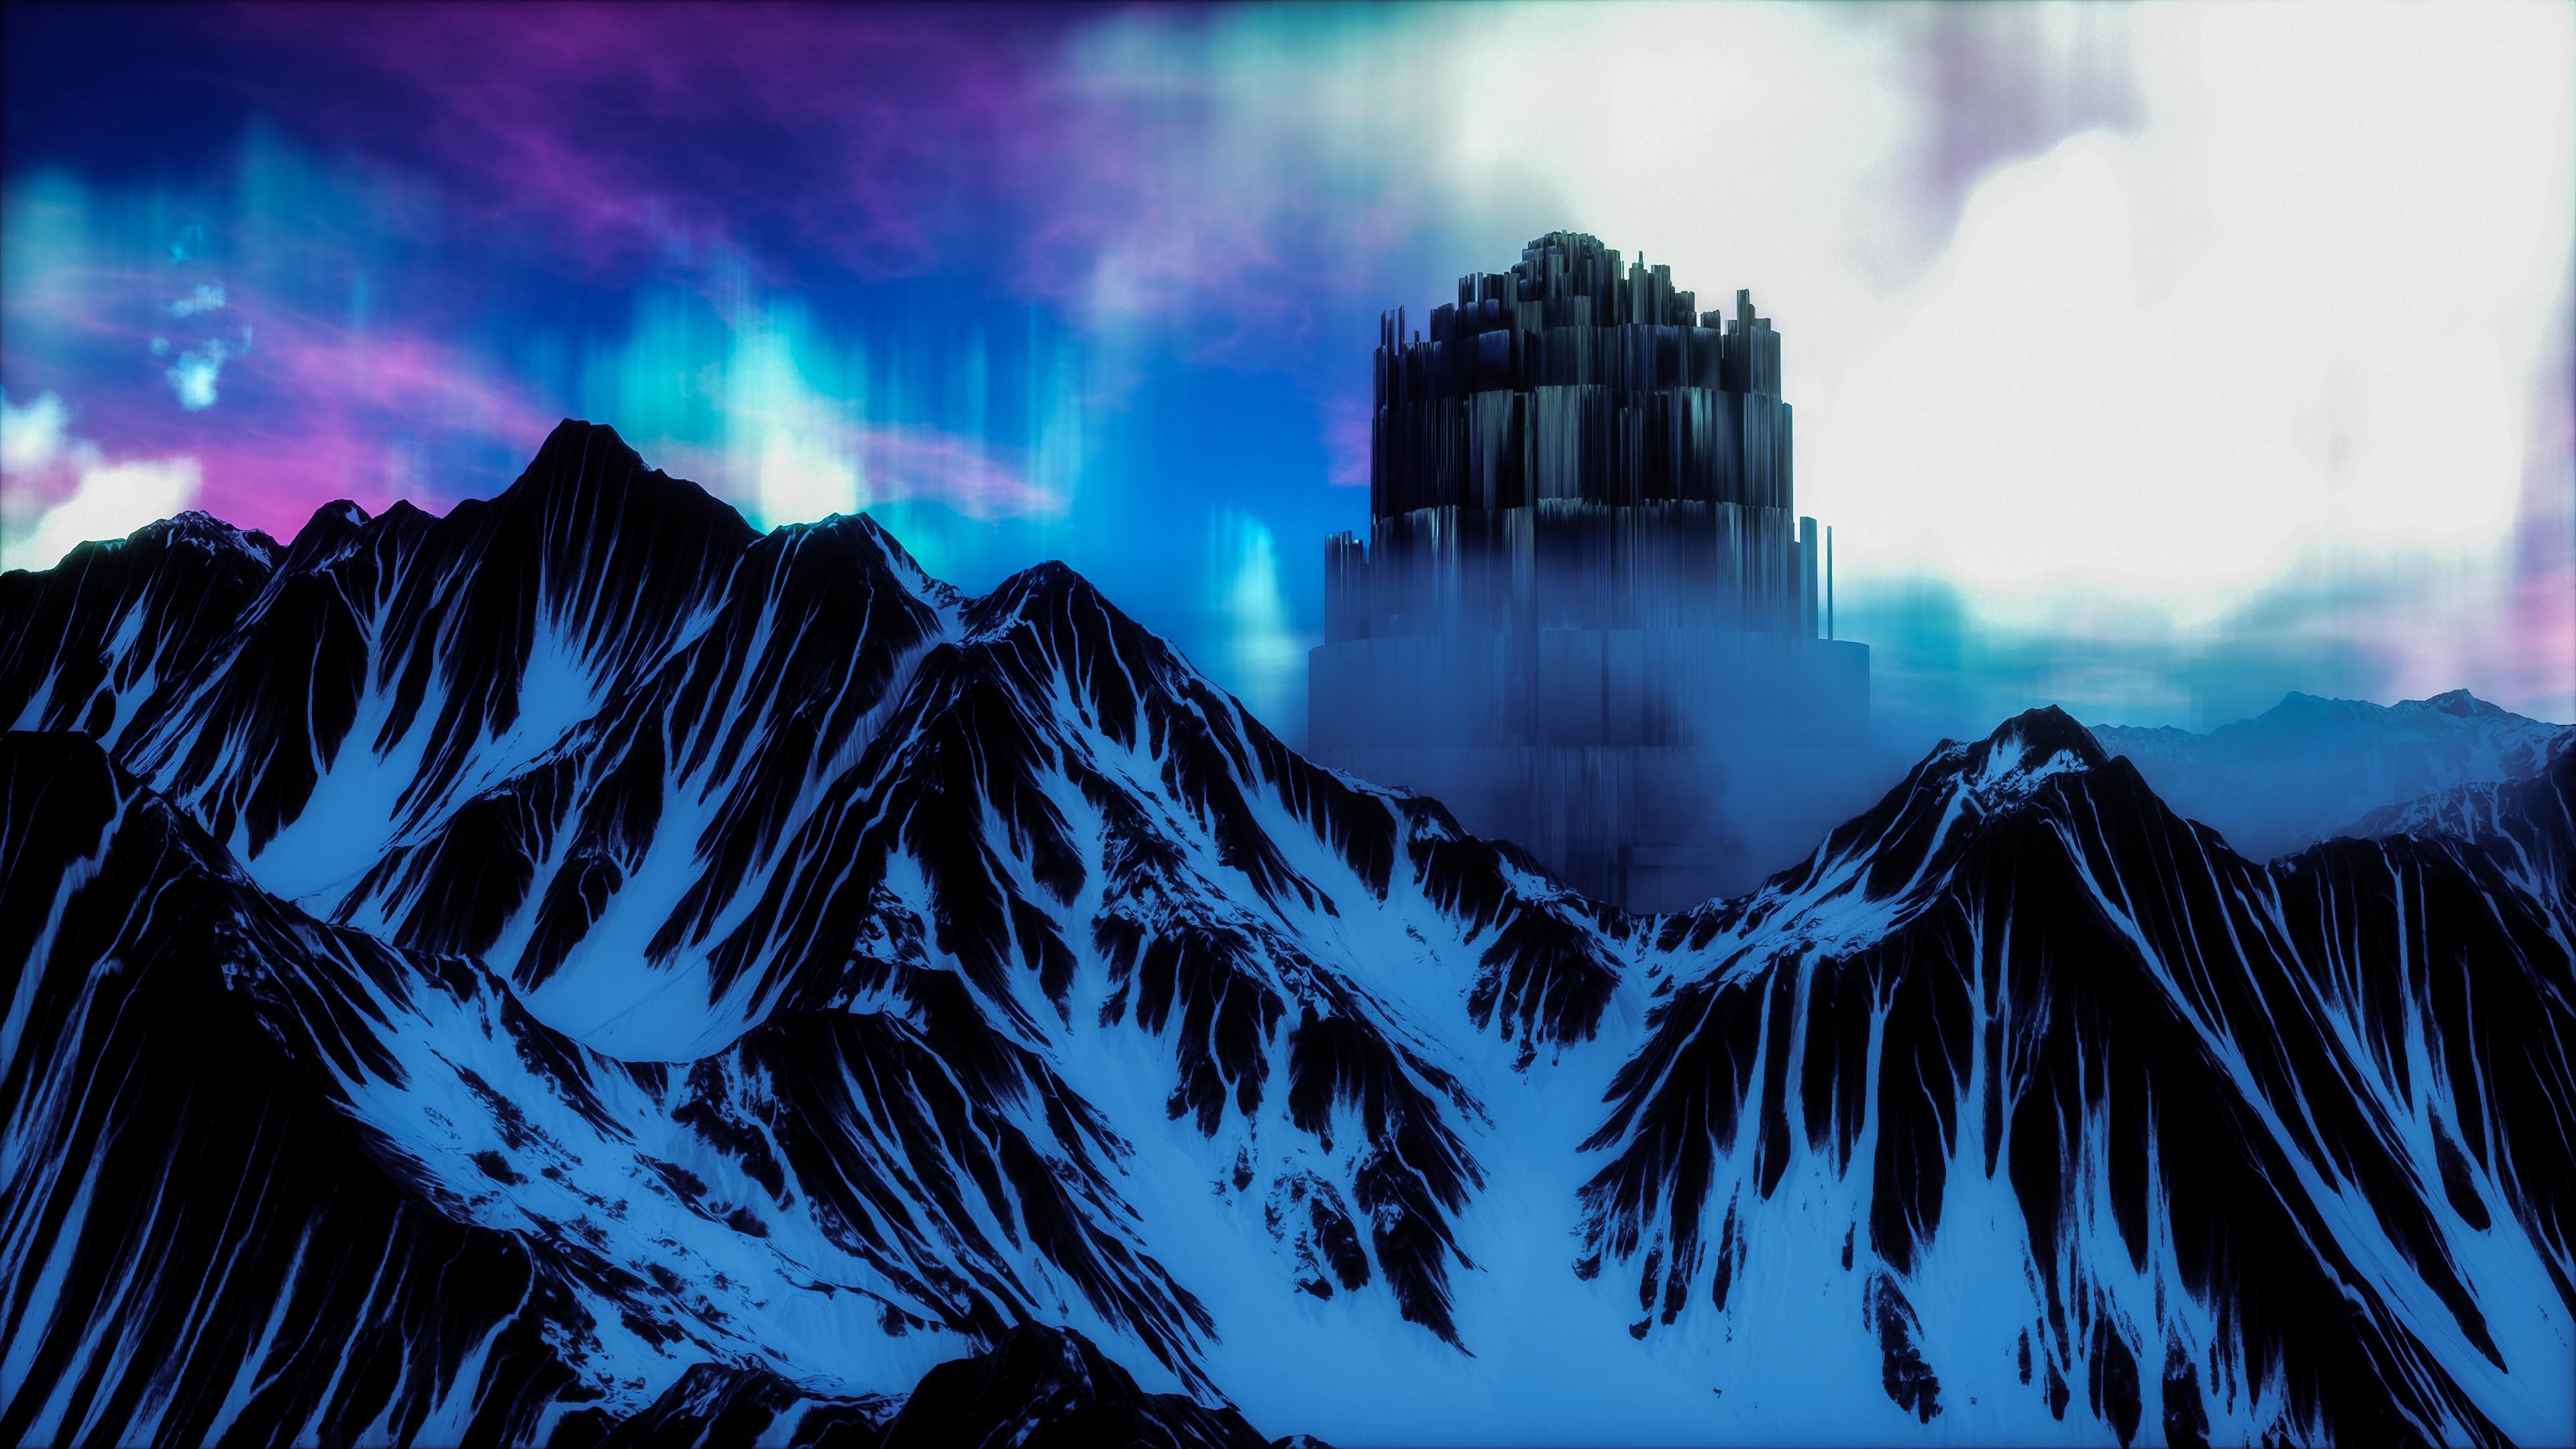 northern lights aurora art structure 4k 1541971450 - northern lights, aurora, art, structure 4k - northern lights, Aurora, art